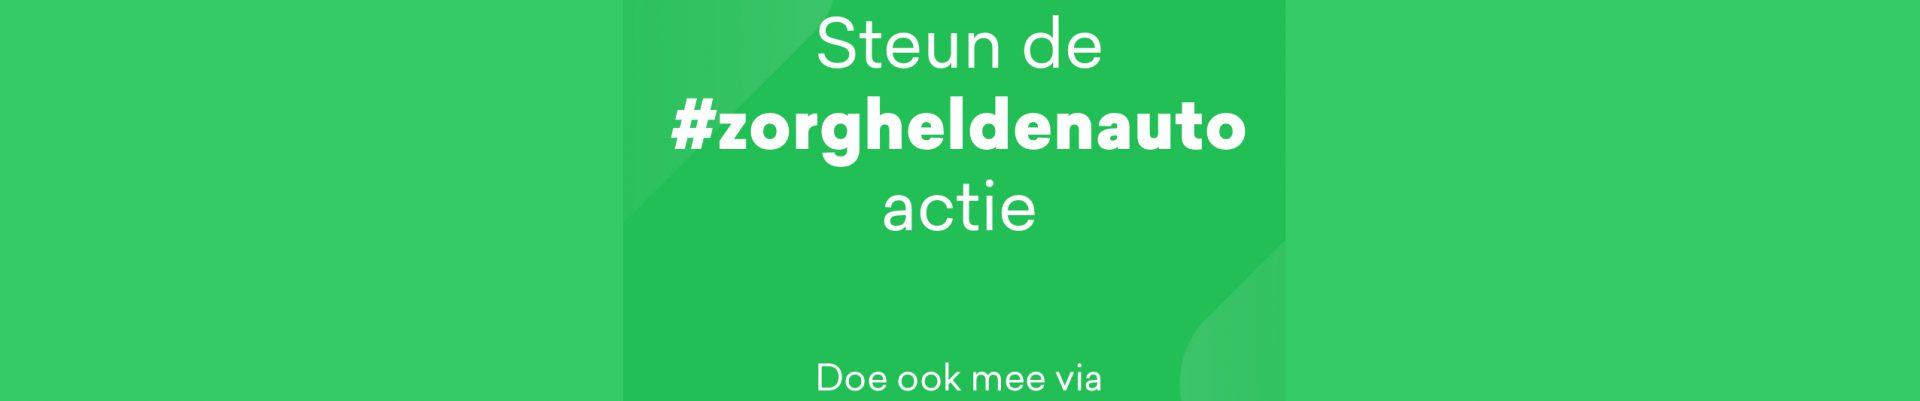 #Zorgheldenauto